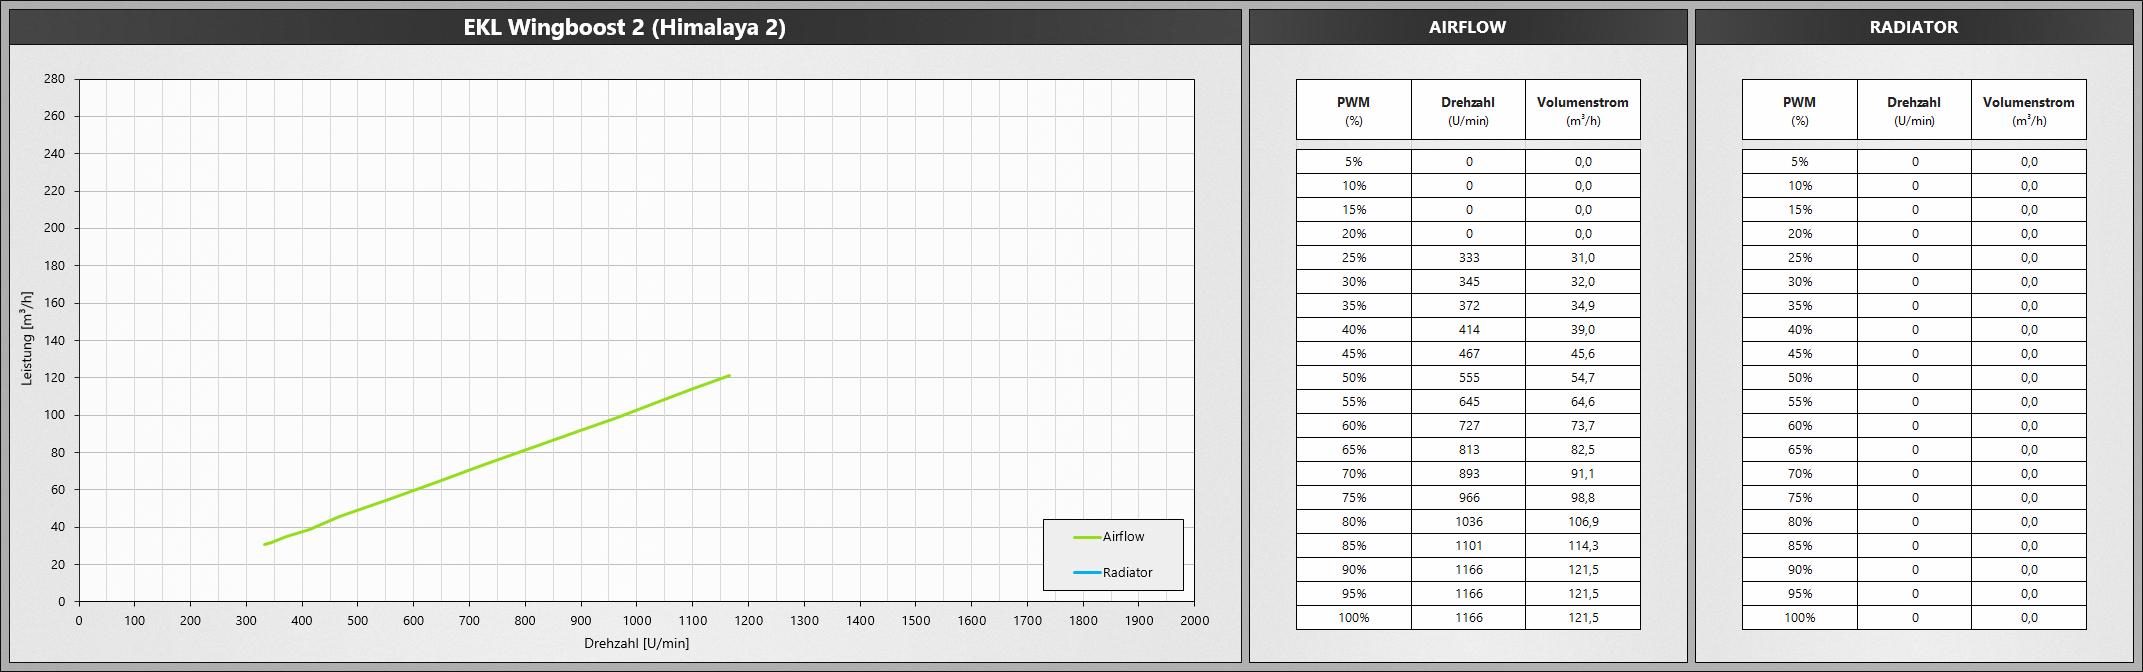 Klicken Sie auf die Grafik für eine größere Ansicht  Name:EKLWB2-Himalaya2.png Hits:657 Größe:465,1 KB ID:1074759